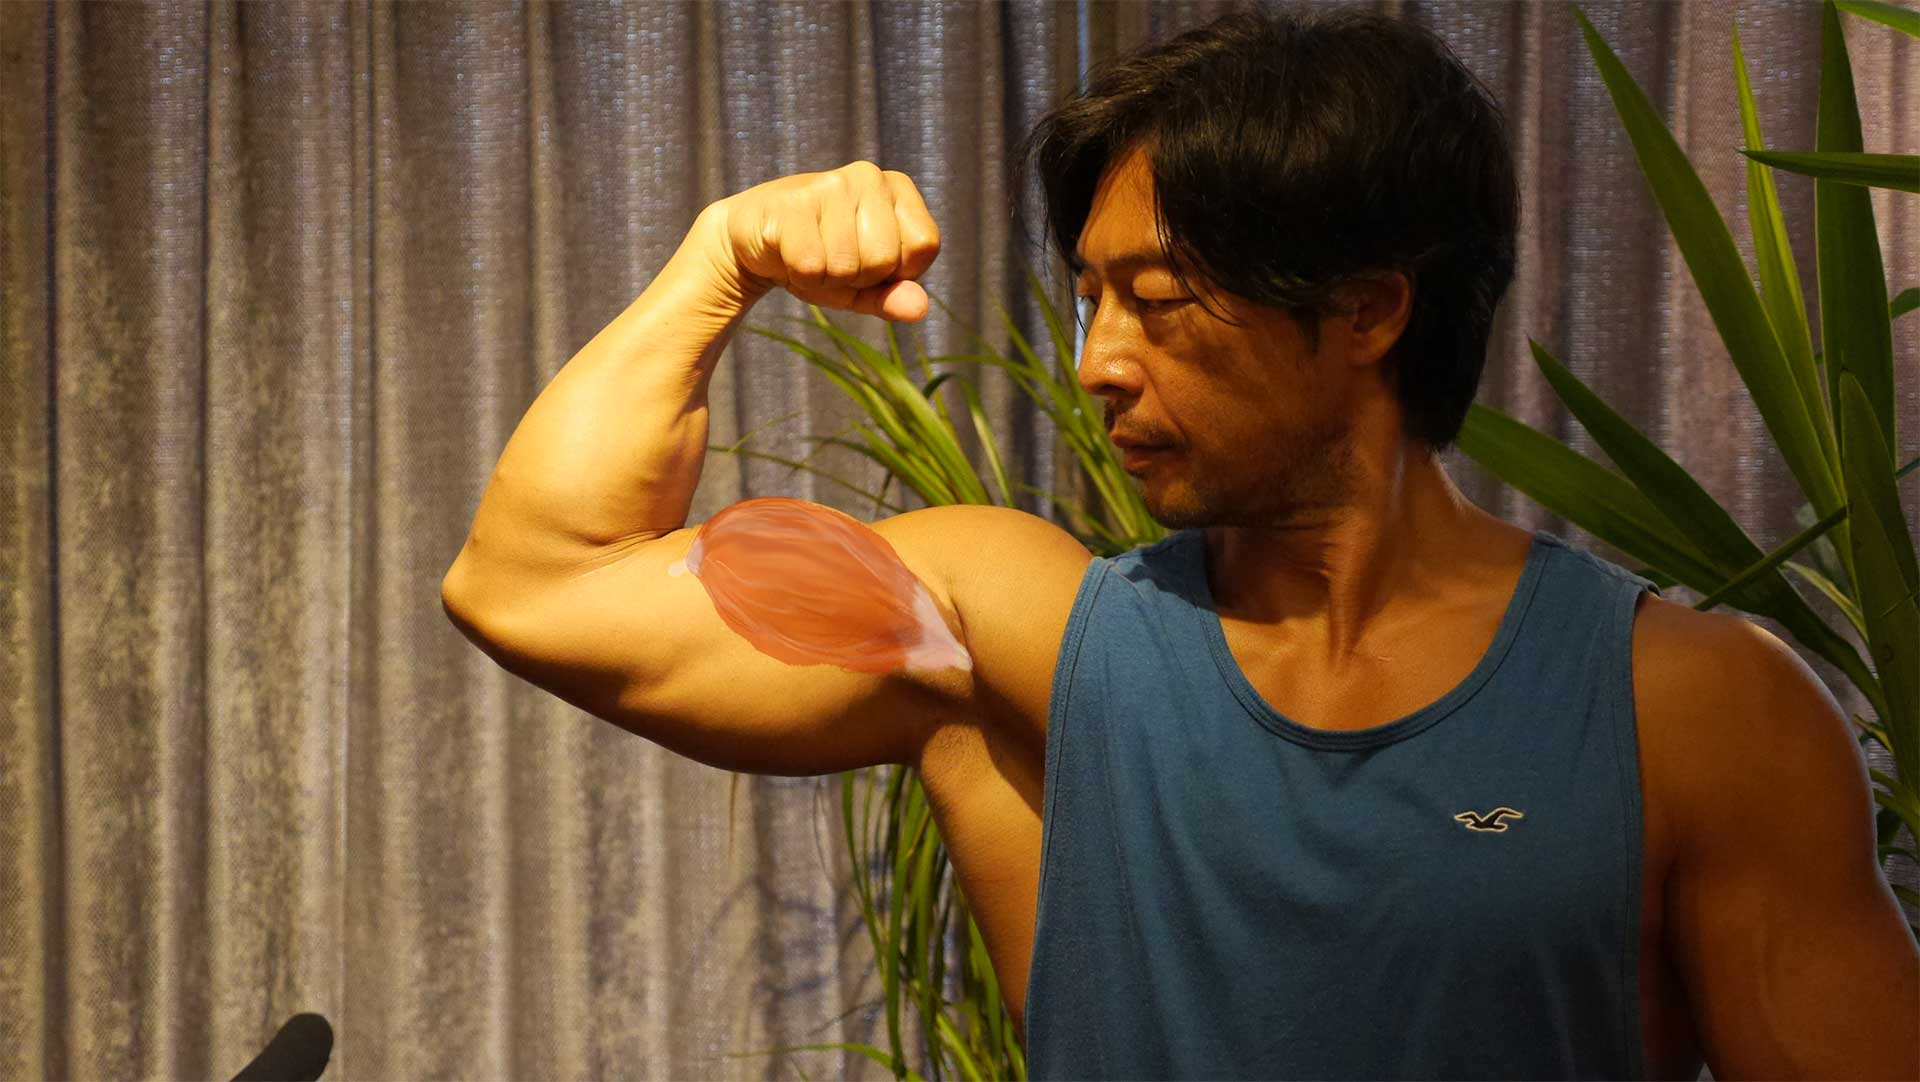 【目指せ上腕40cm超え!Part2】ダンベルで太い腕を作る!二頭筋。力こぶ。インクライン・カール。